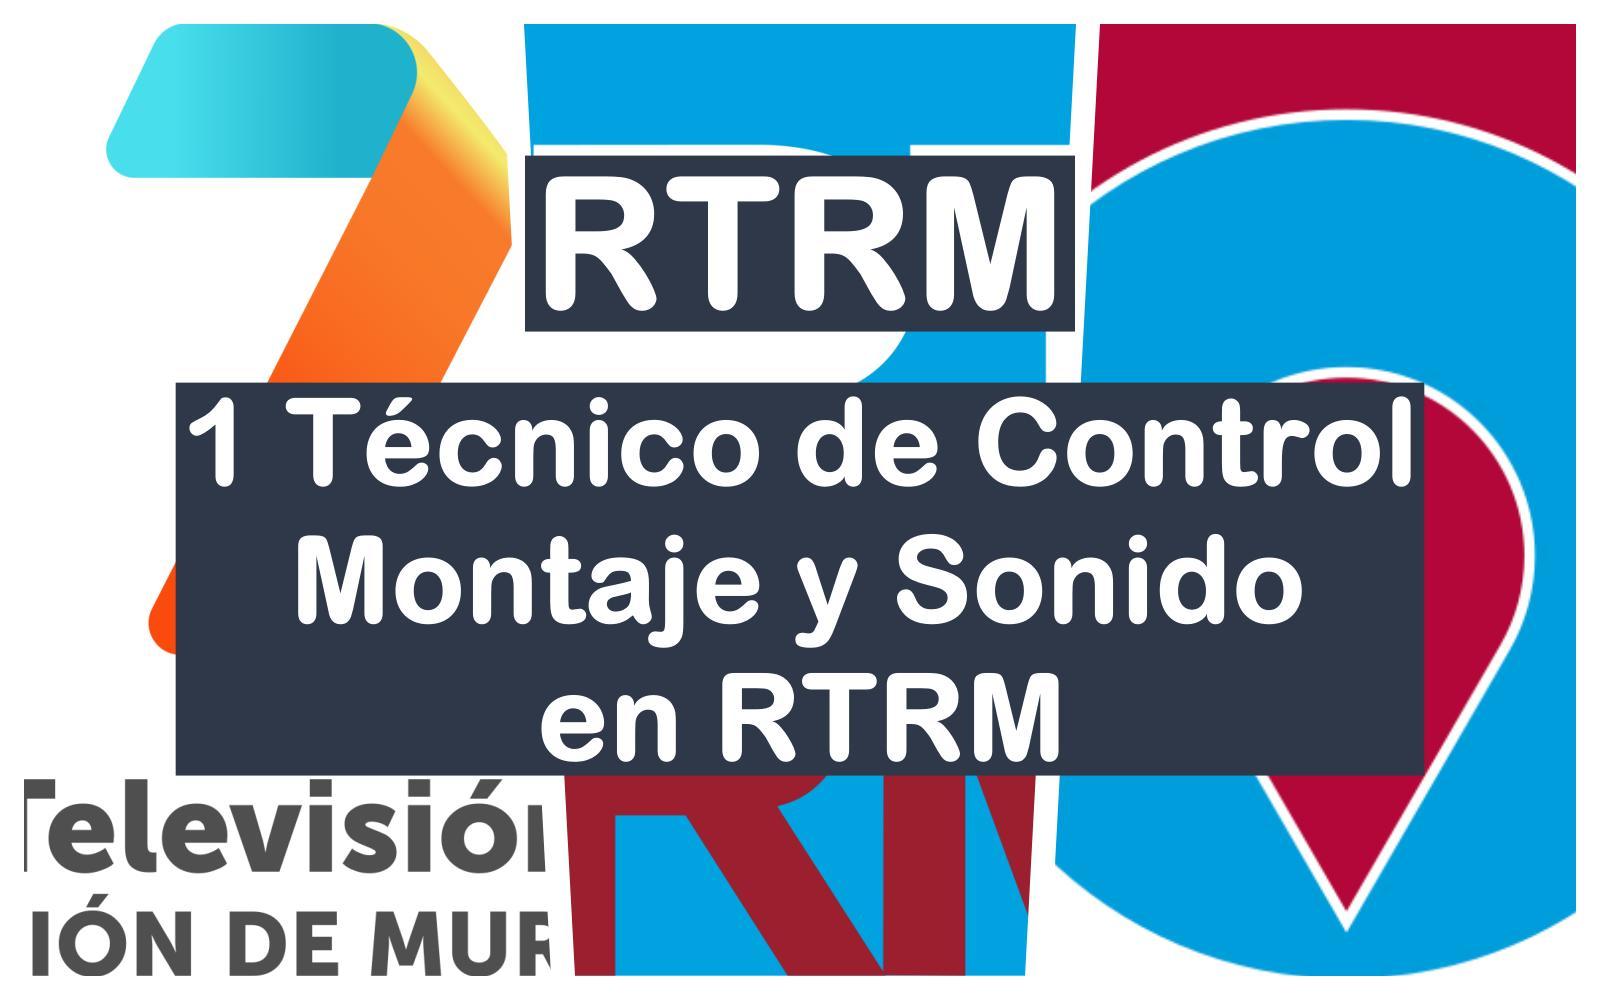 1 Técnico de Control Montaje y Sonido en RTRM